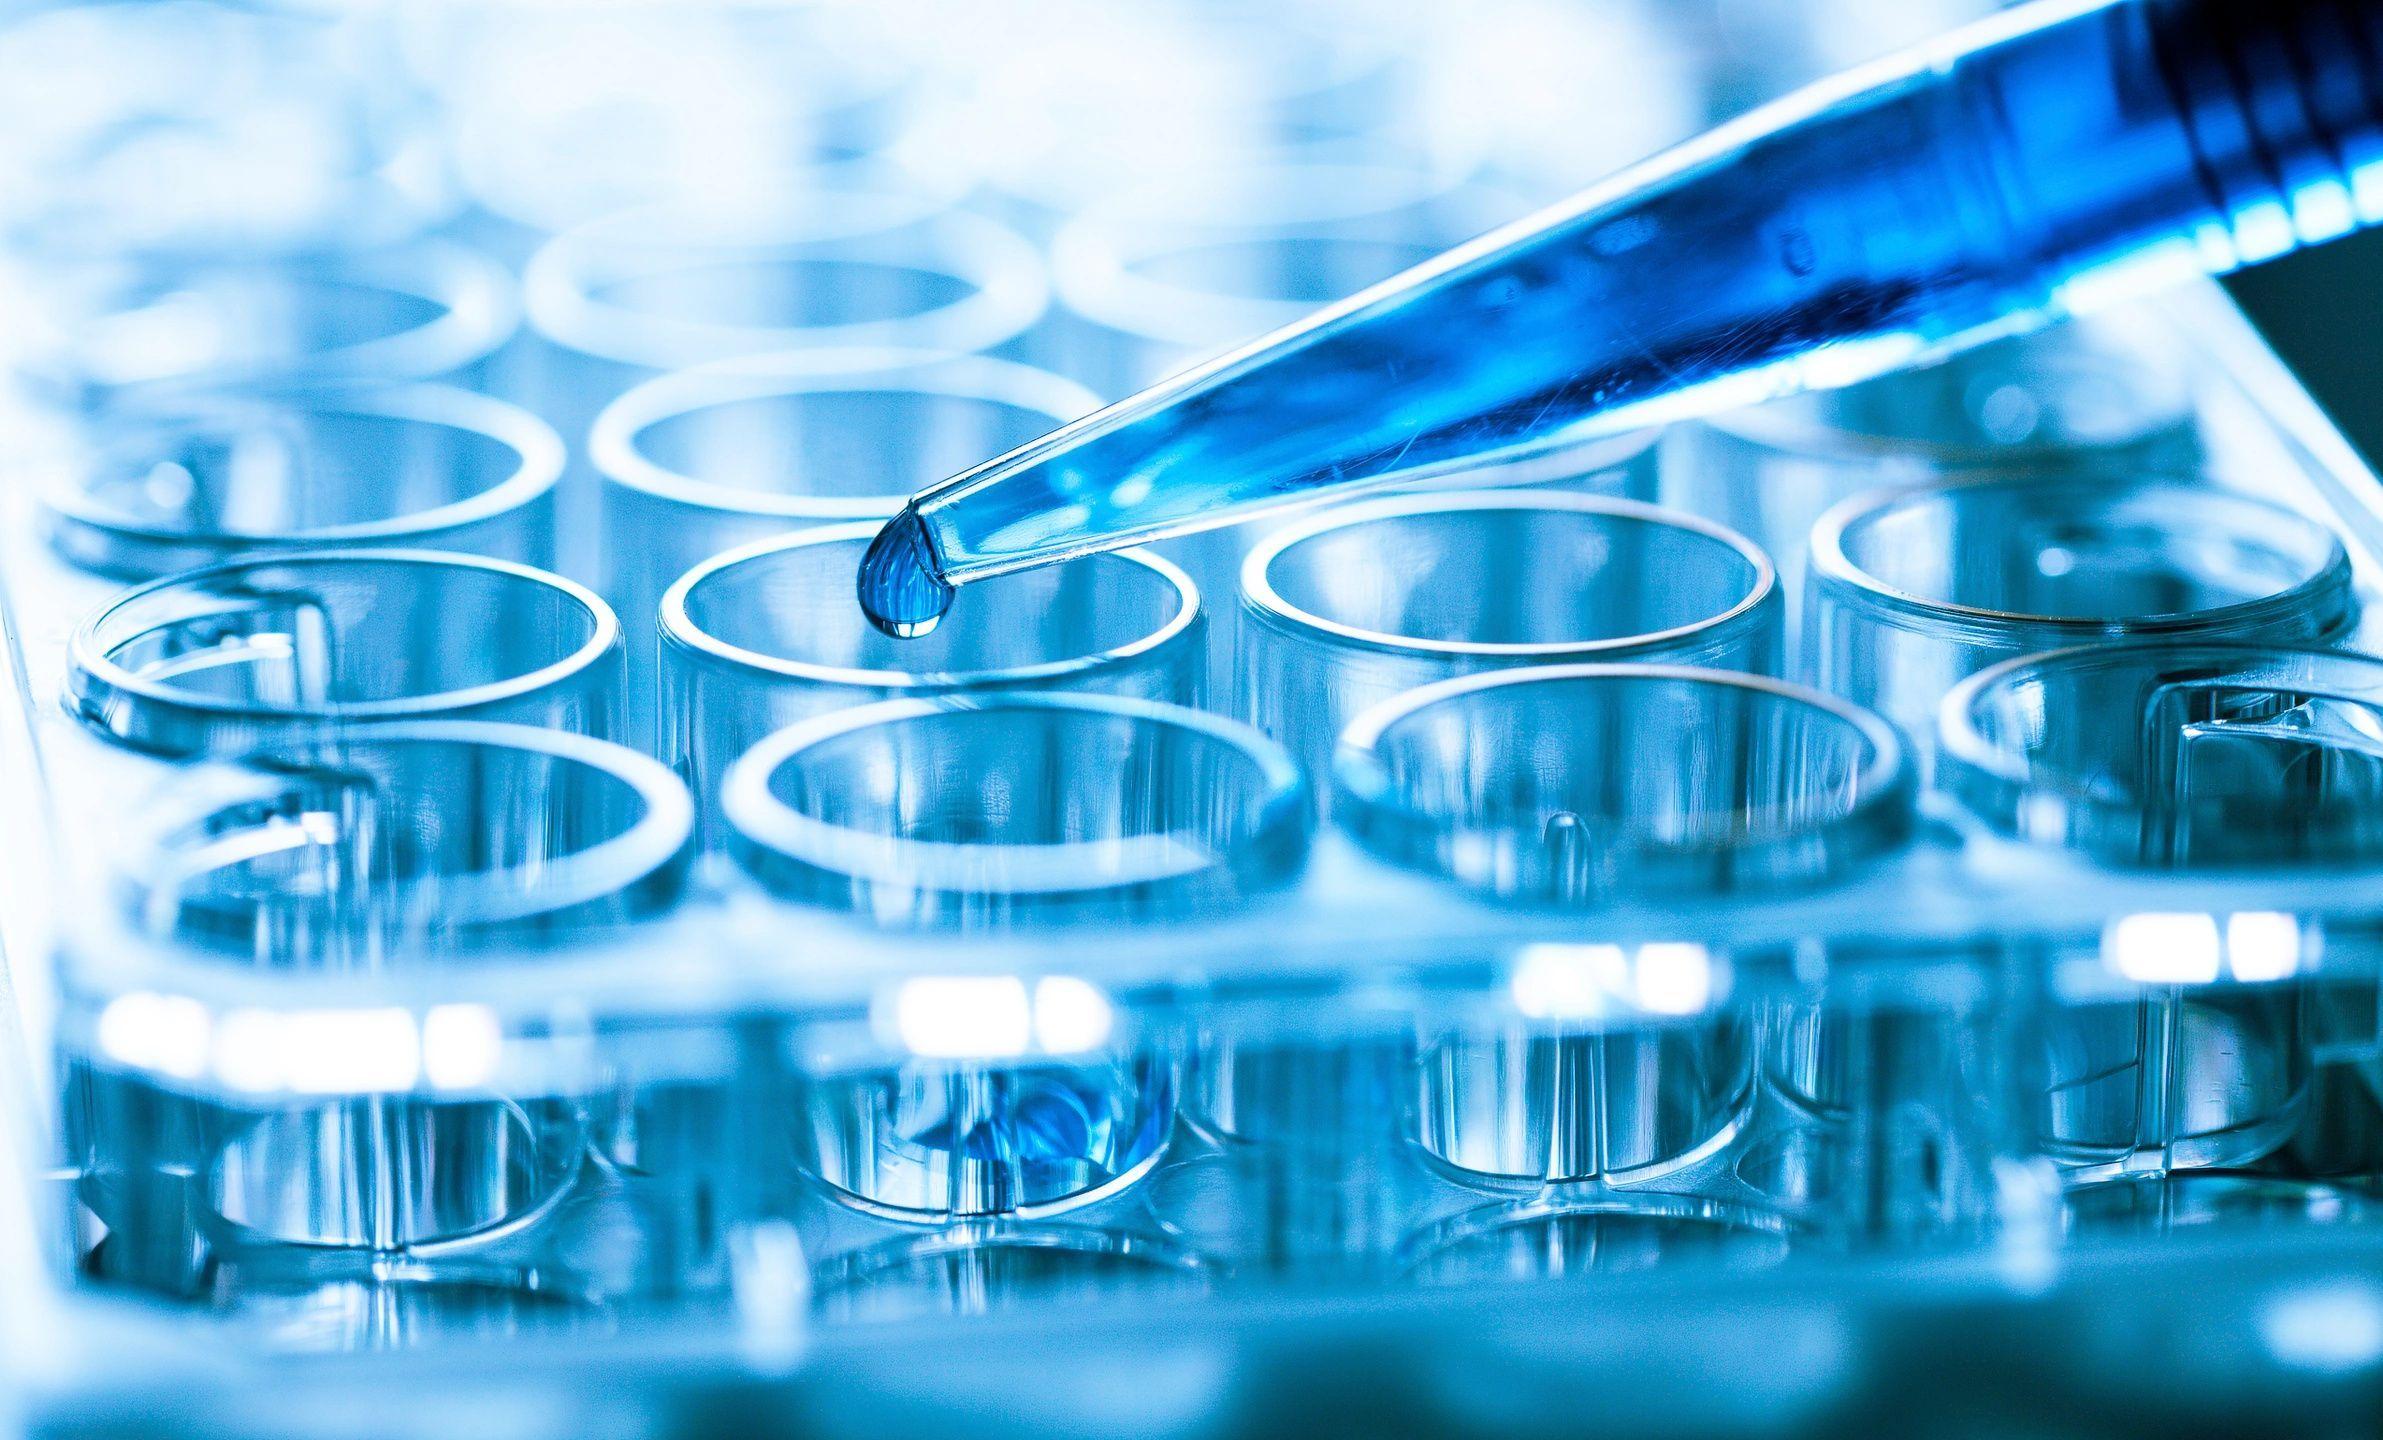 Clinical trials image by MUBGmemesunknownbattleground on